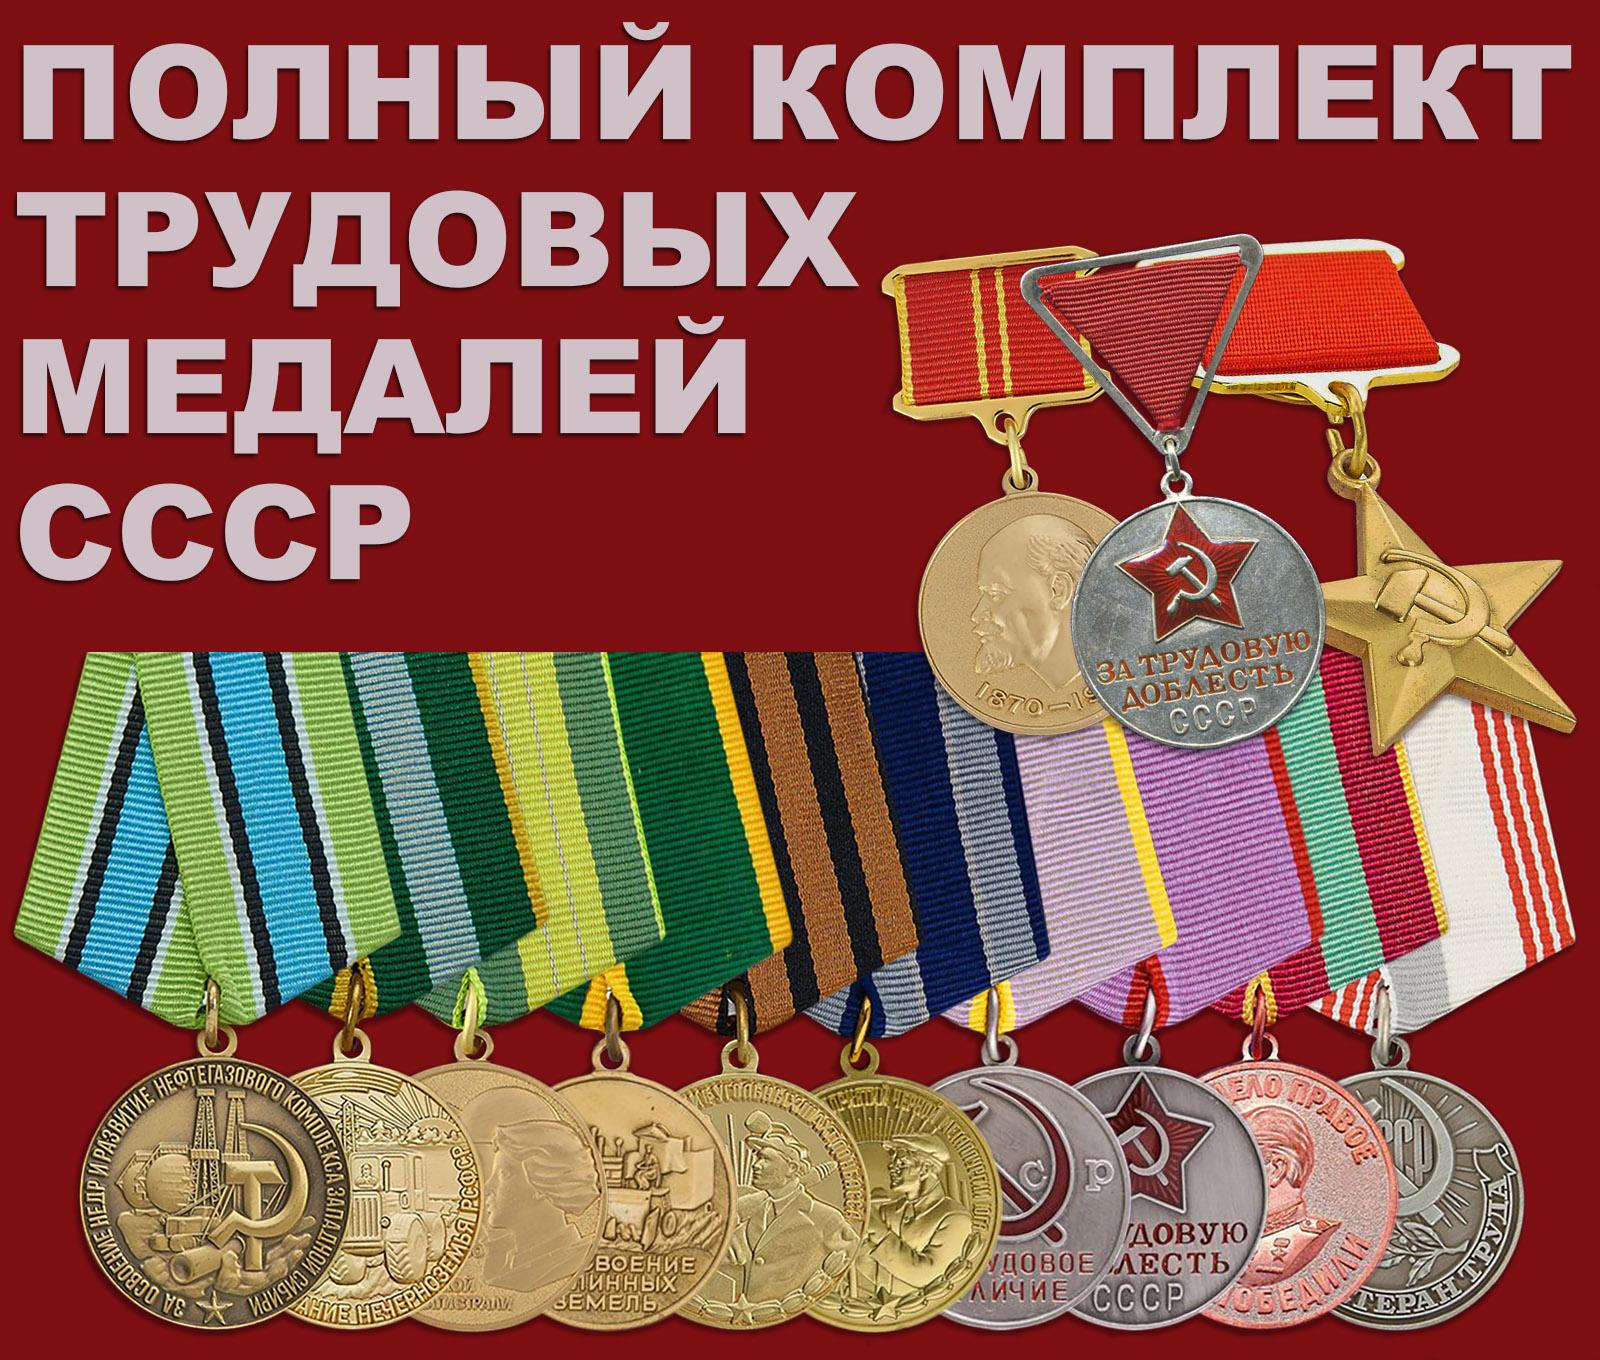 Трудовые медали СССР